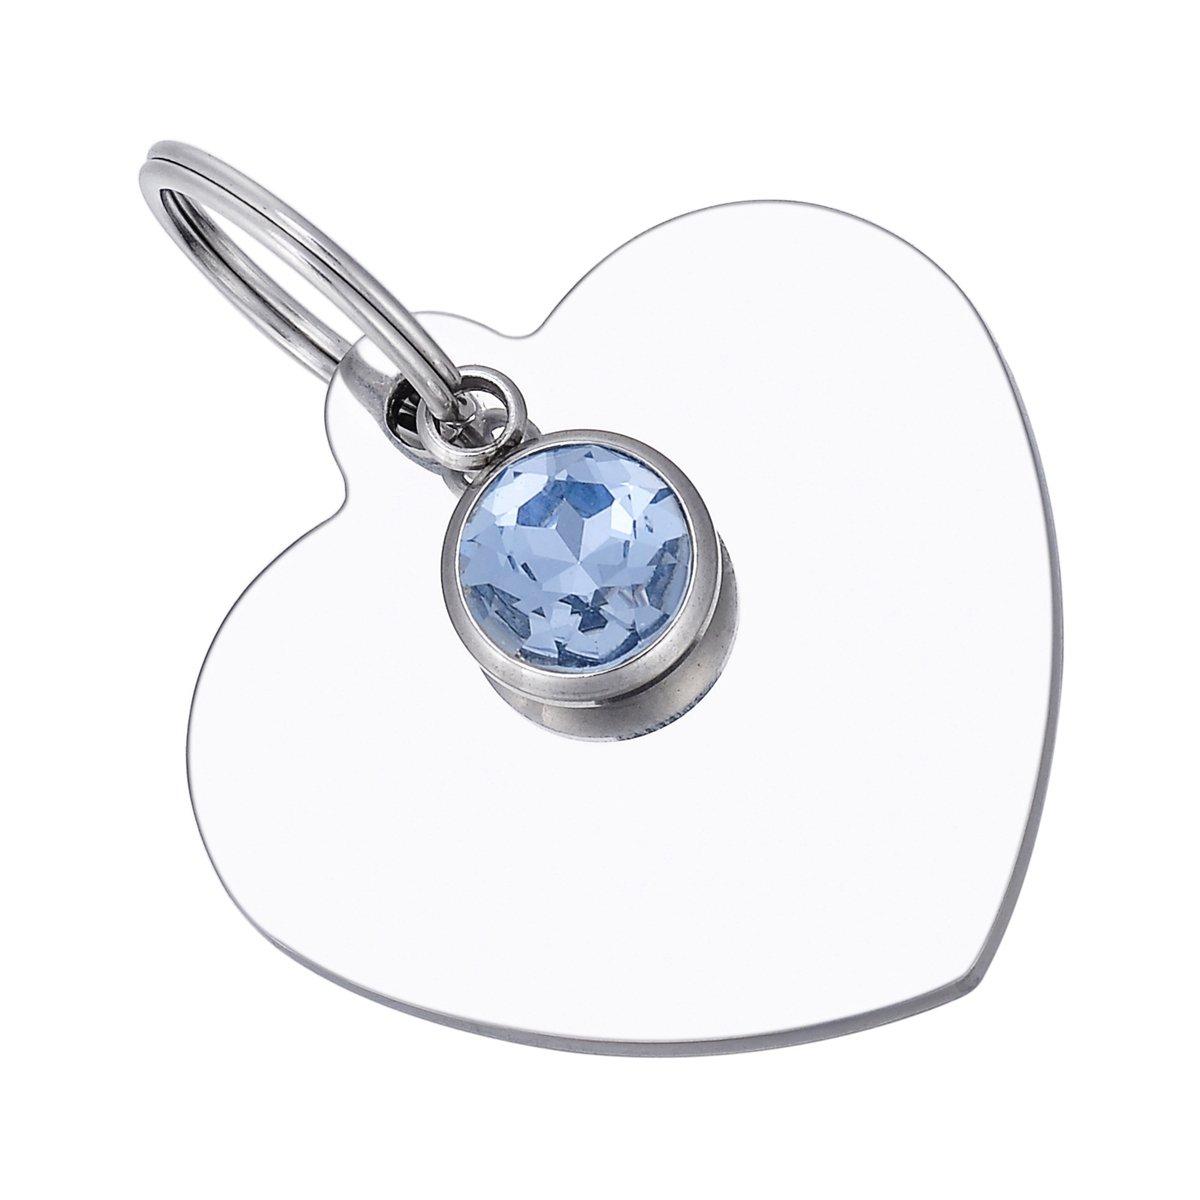 HooAMI Médaille Chien Chat Identification Coeur Cristal Gravure Personnalisé En Acier Inoxydable Avec Service Gratuit de Gravure 33mmx34mm (12 Styles) Best-shopping